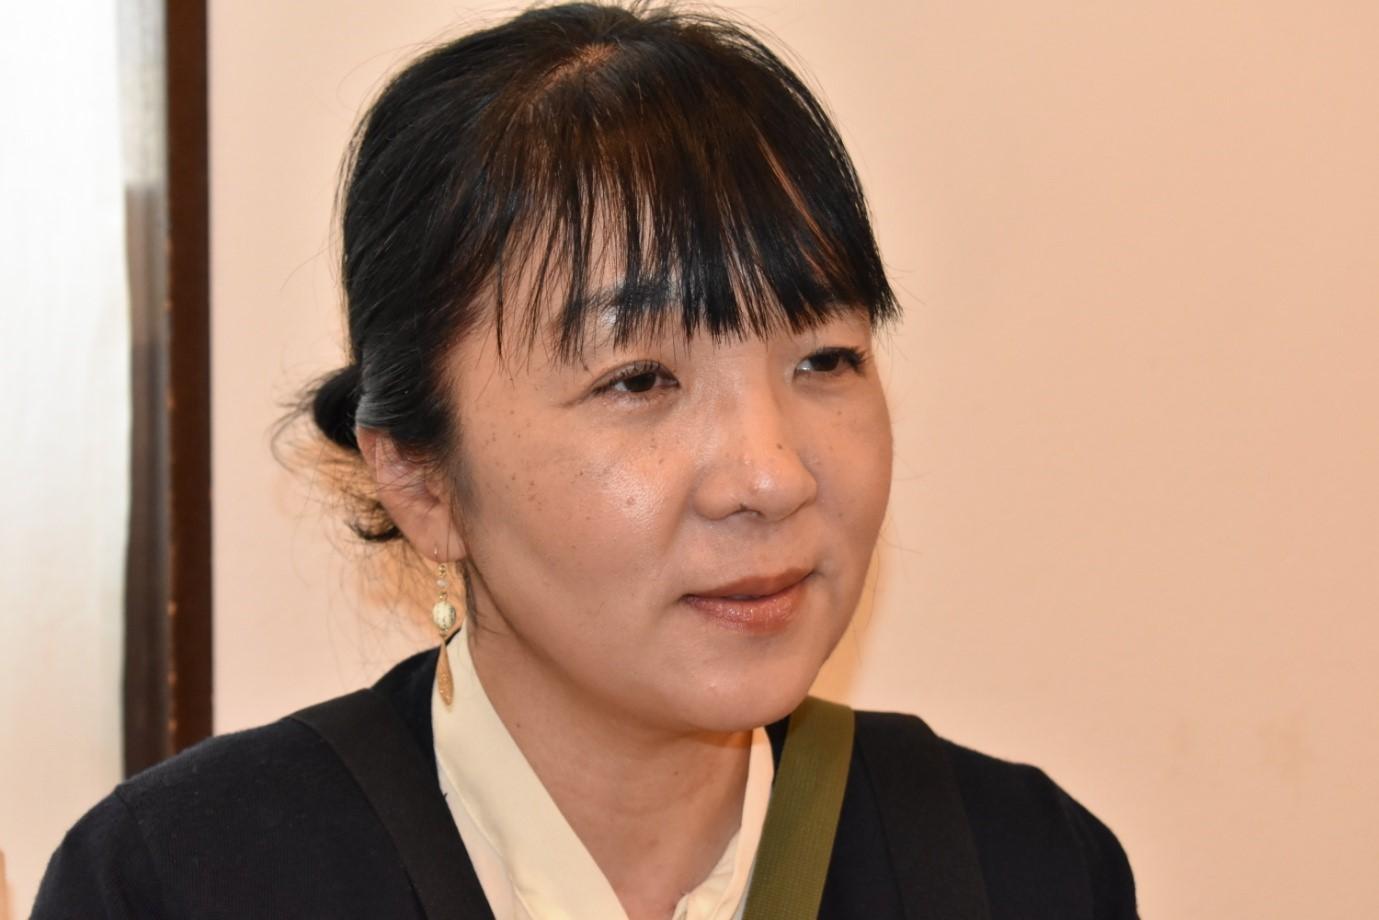 カフェおからさんを運営するNPO法人フラットハート理事長の青木美恵子さん